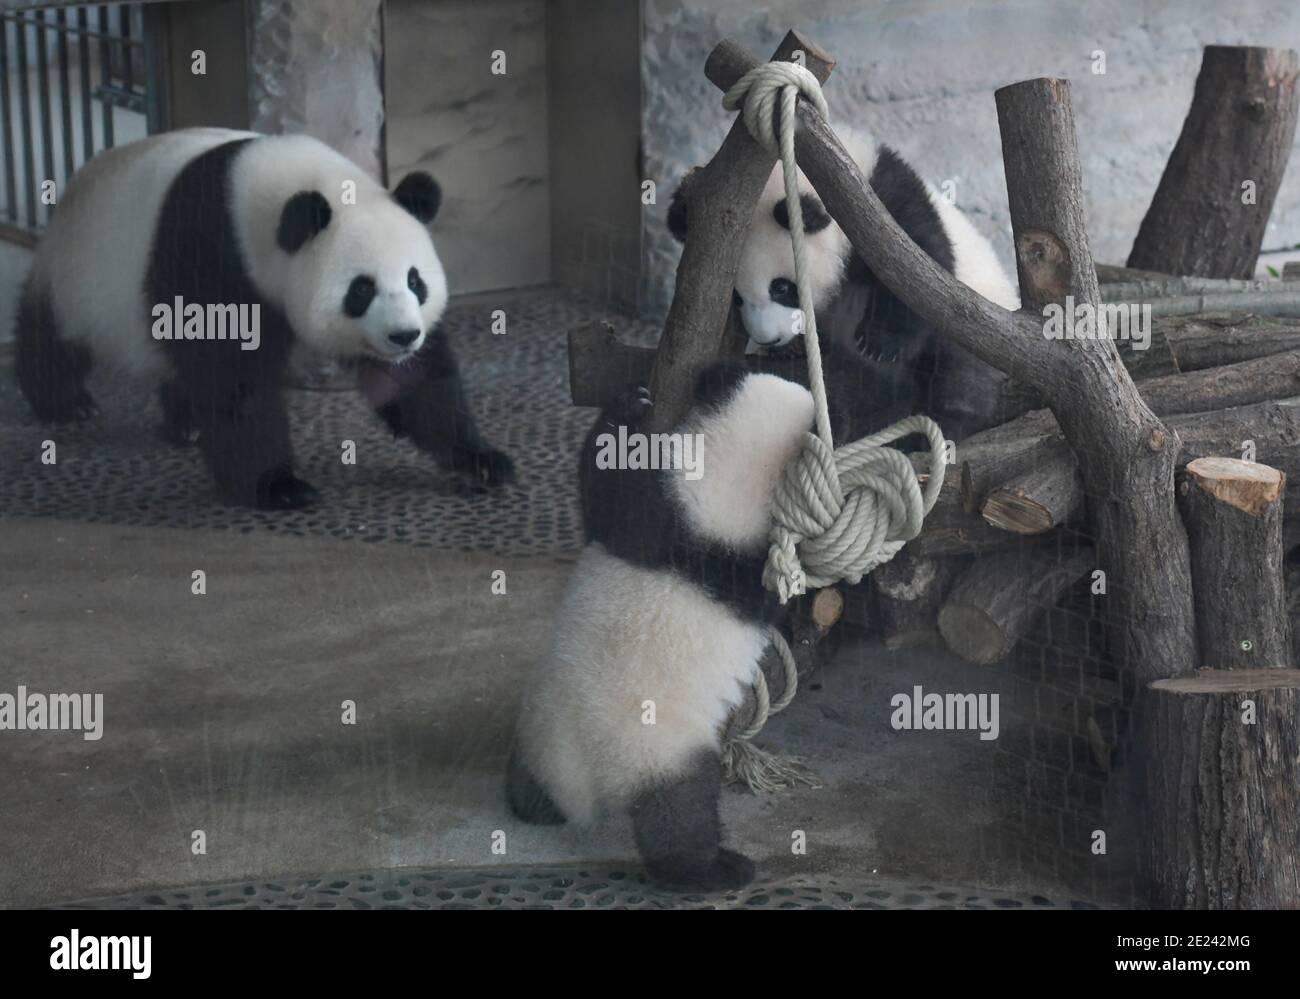 Berlin, 14.02.2020: Zwei Wochen nach dem Einzug der Pandas in ihr neues Gehege fährt Normalität ein. Die Zwillinge Meng Xiang und Meng Yuan alias Pit Stockfoto